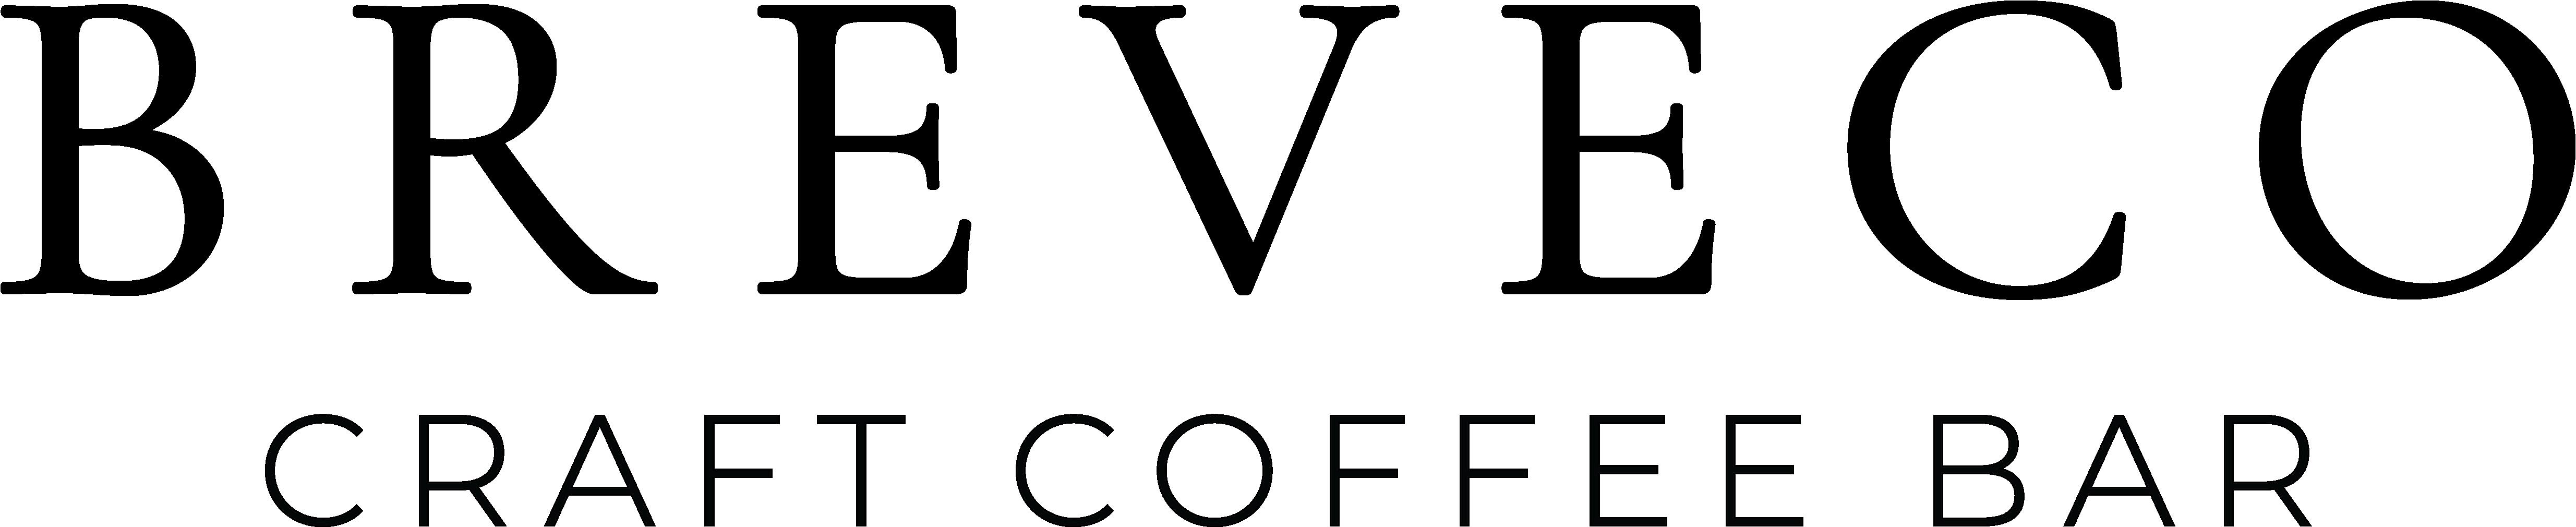 BreveCo Craft Coffee